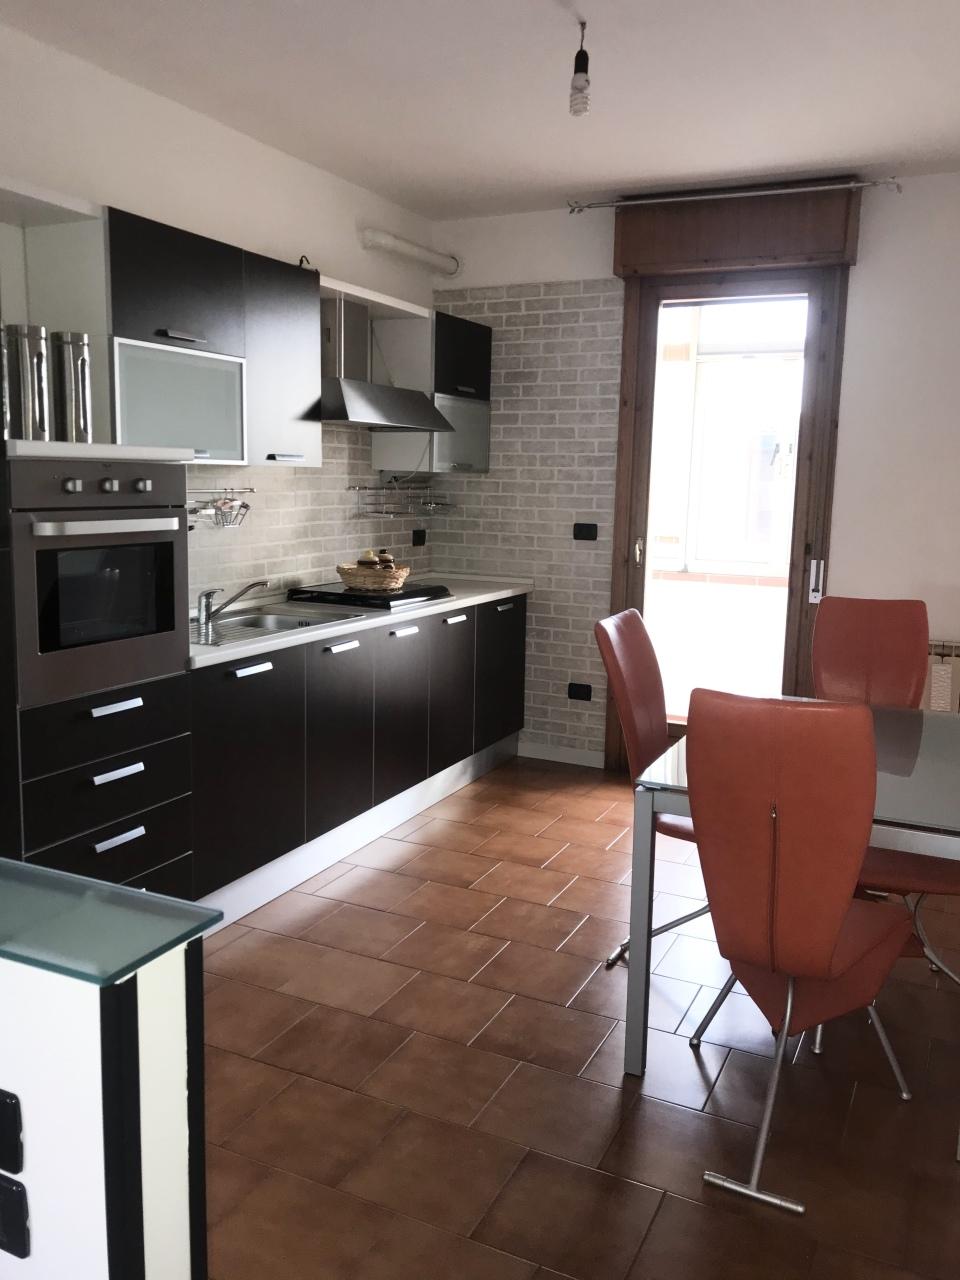 Appartamento in vendita a Villadose, 3 locali, prezzo € 65.000 | CambioCasa.it